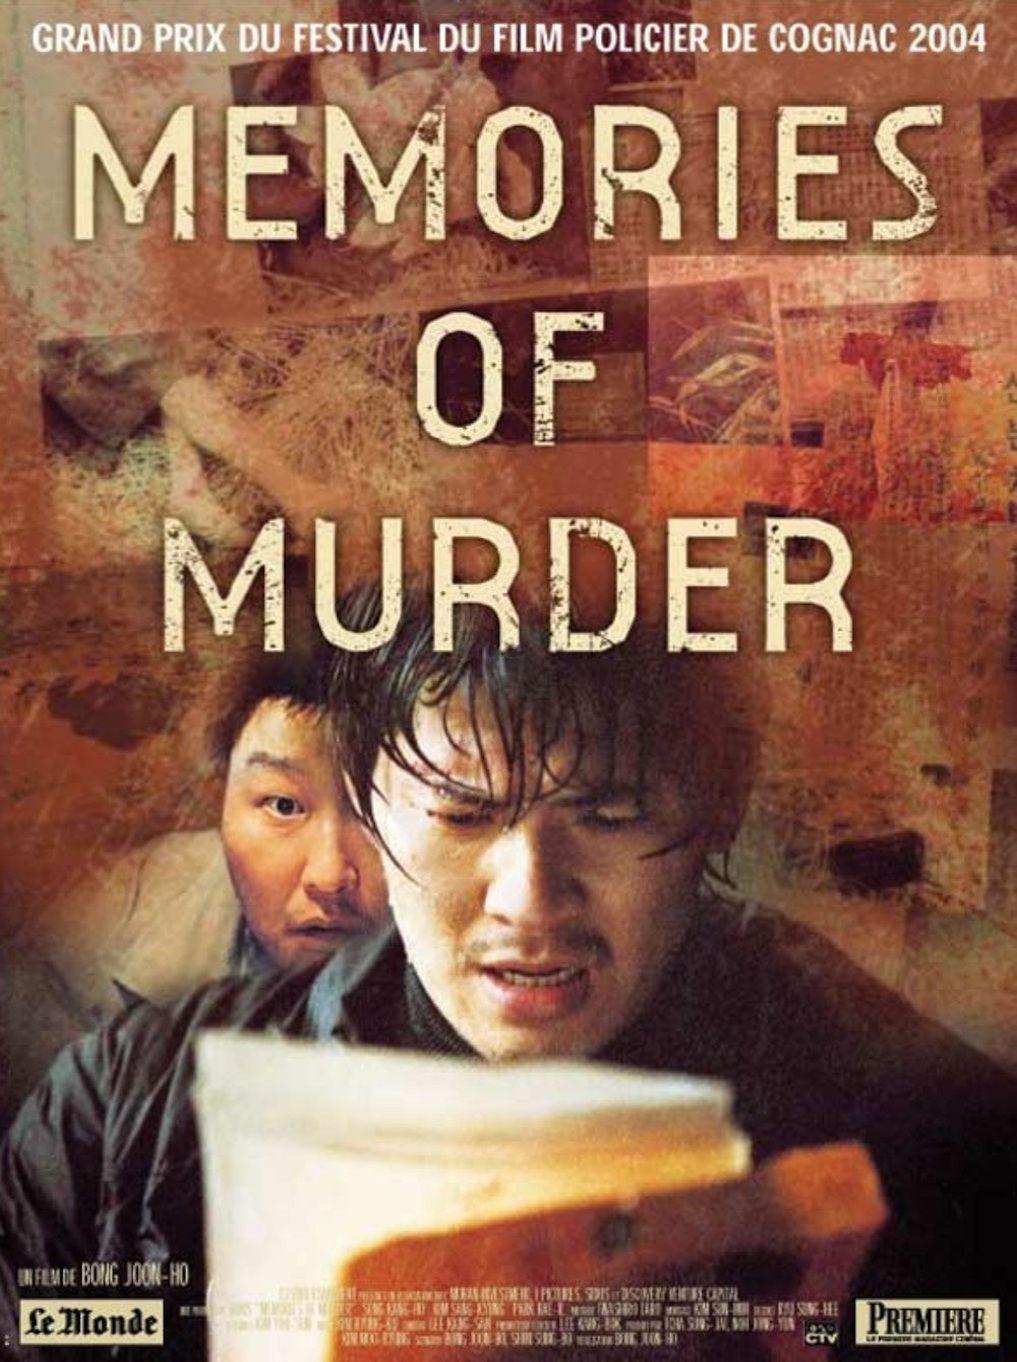 Memories of murder de Bong Joon-Ho